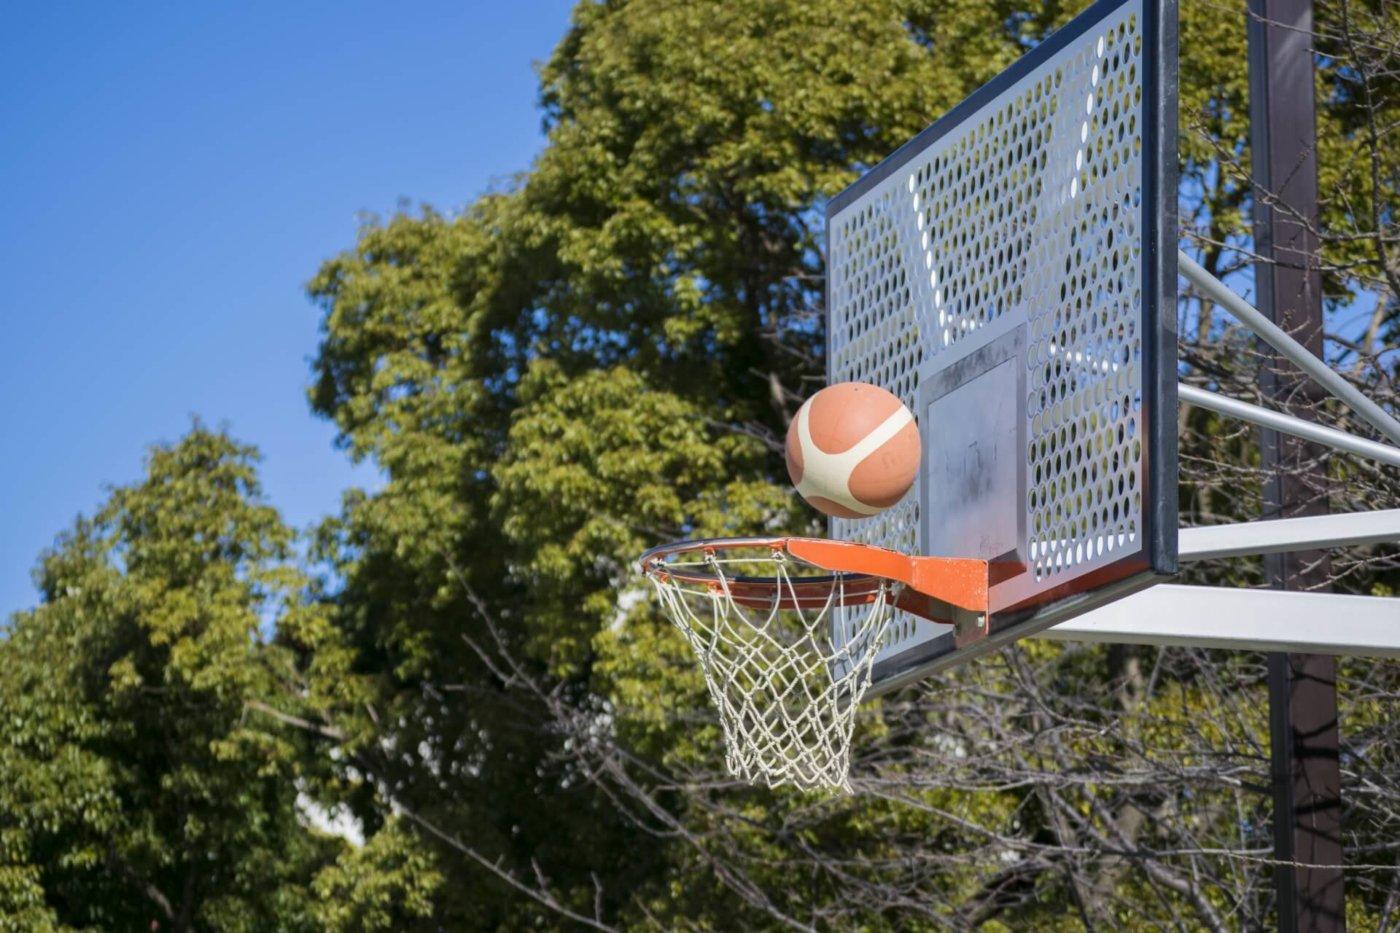 桜木花道もしていた!バスケの「レイアップシュート」の効果的な練習法